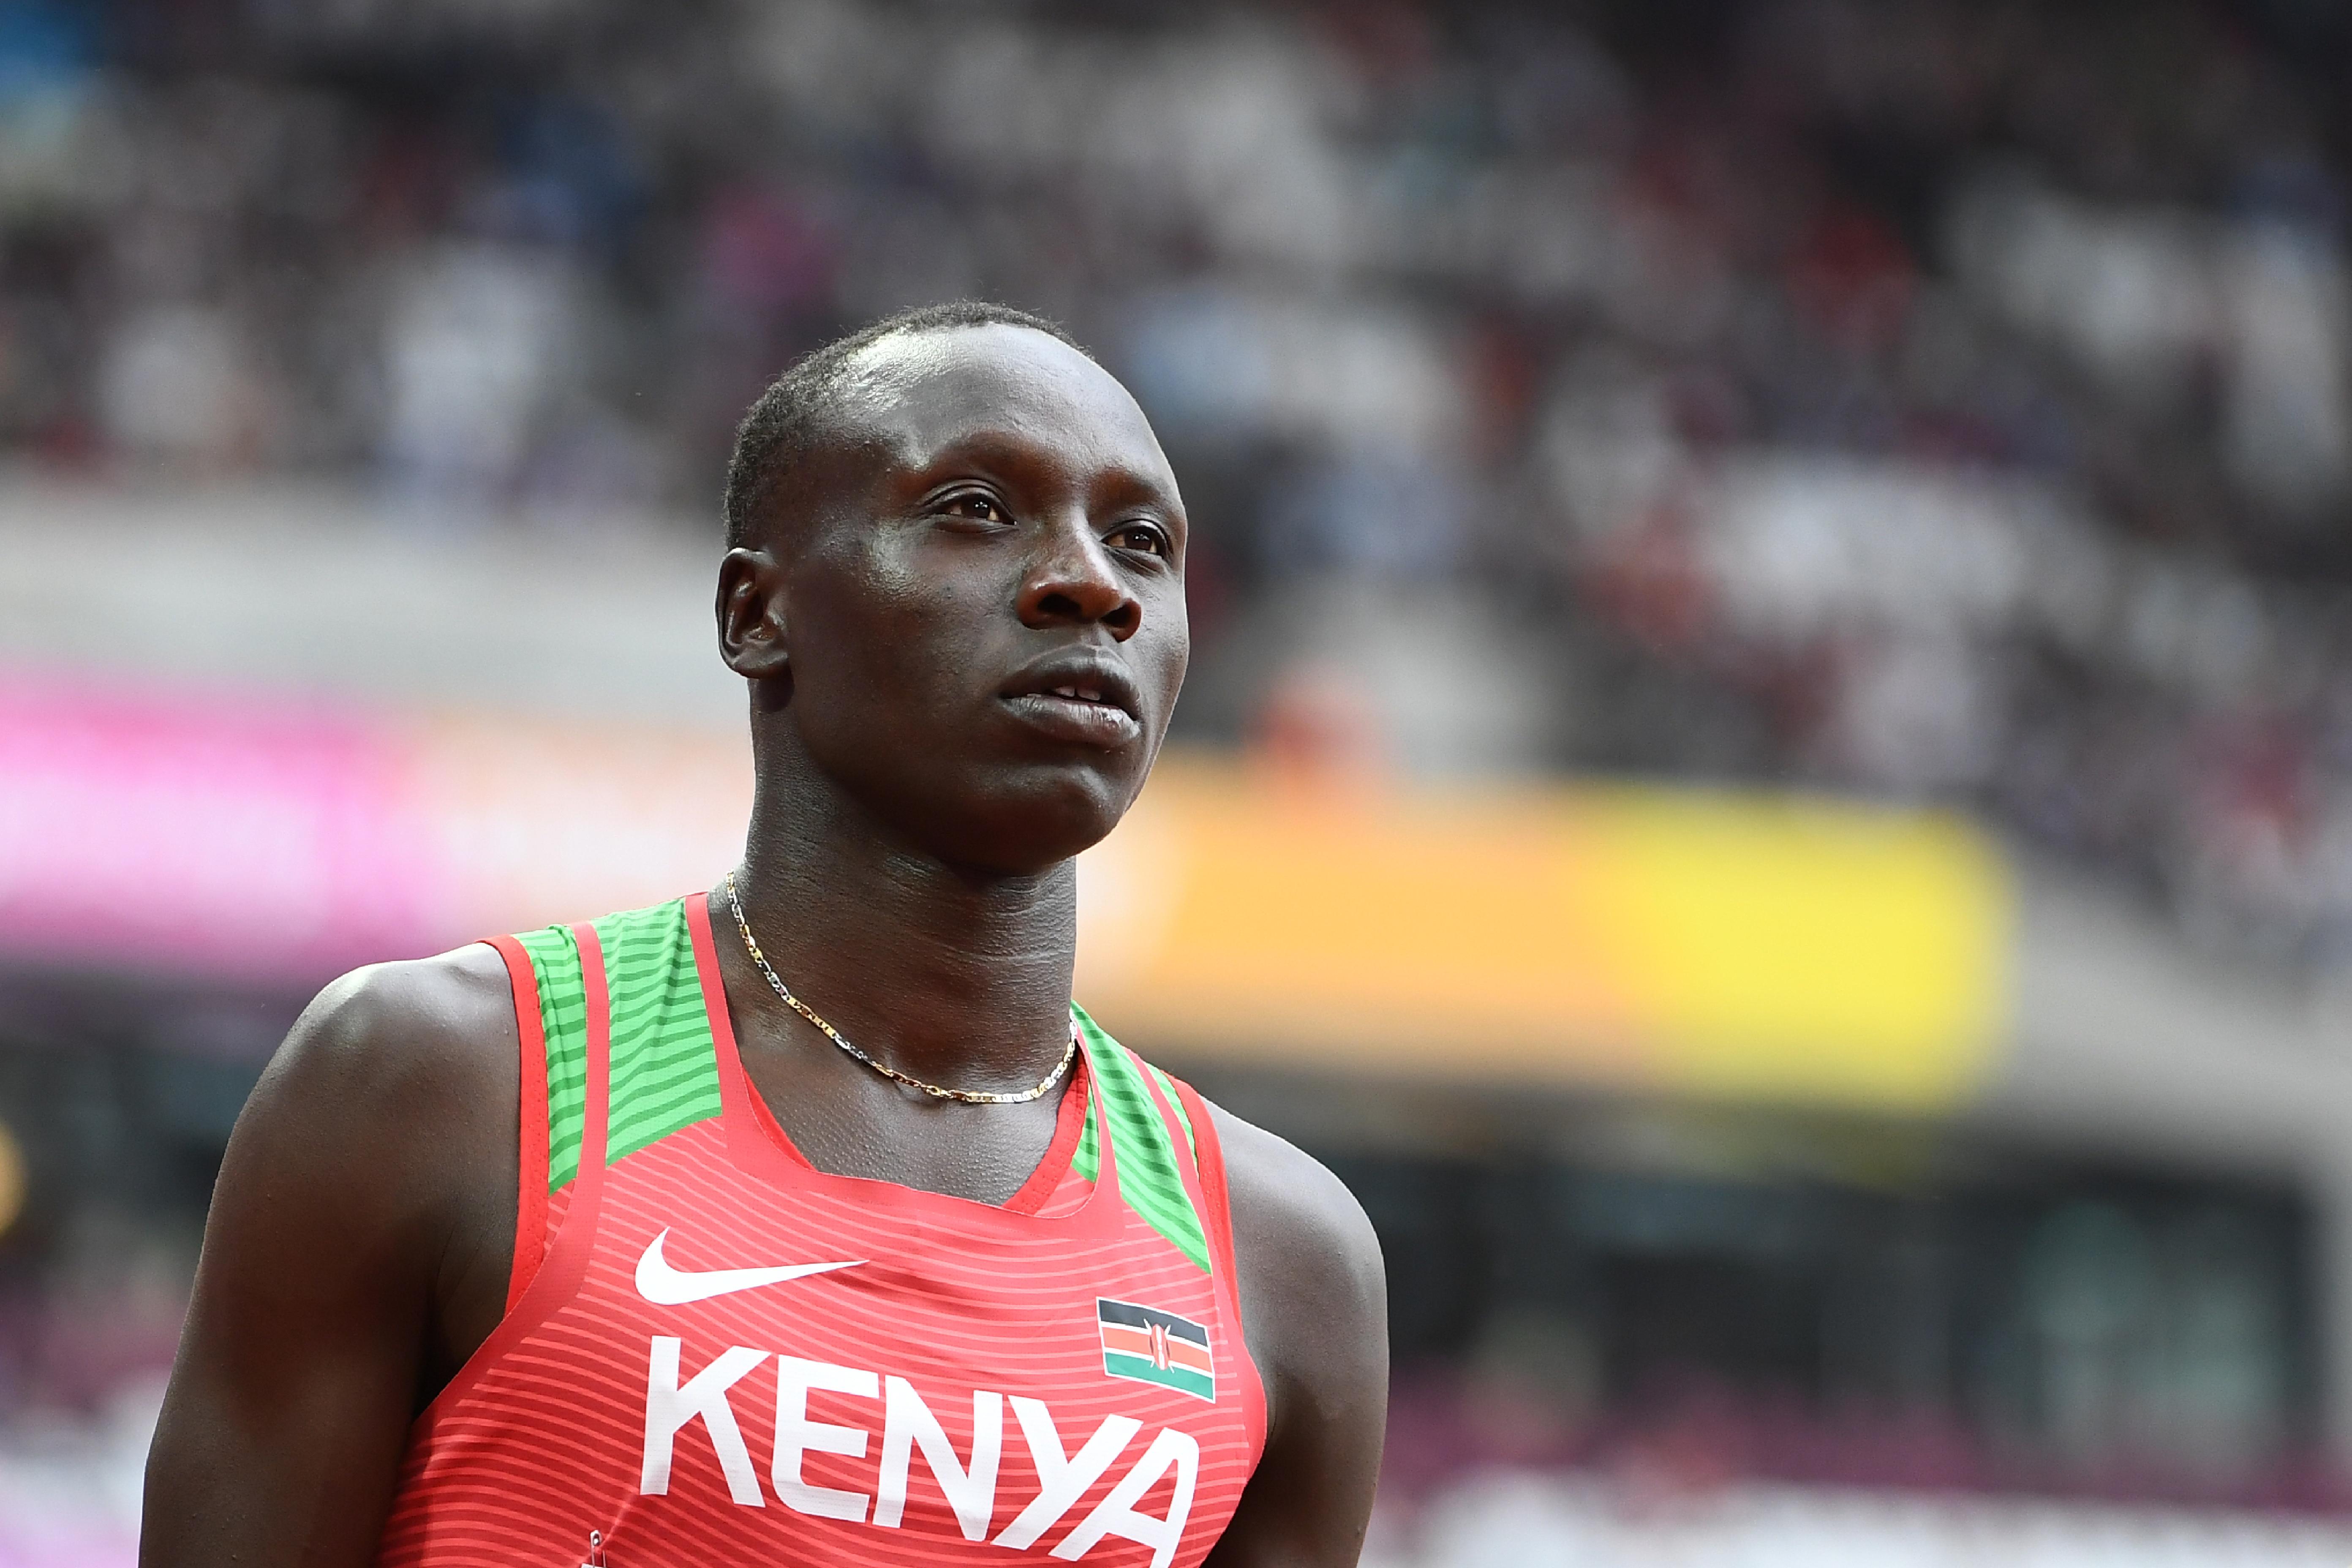 Nem kapott vízumot Nagy-Britanniába a fedettpályás atlétikai vébé egyik favoritja